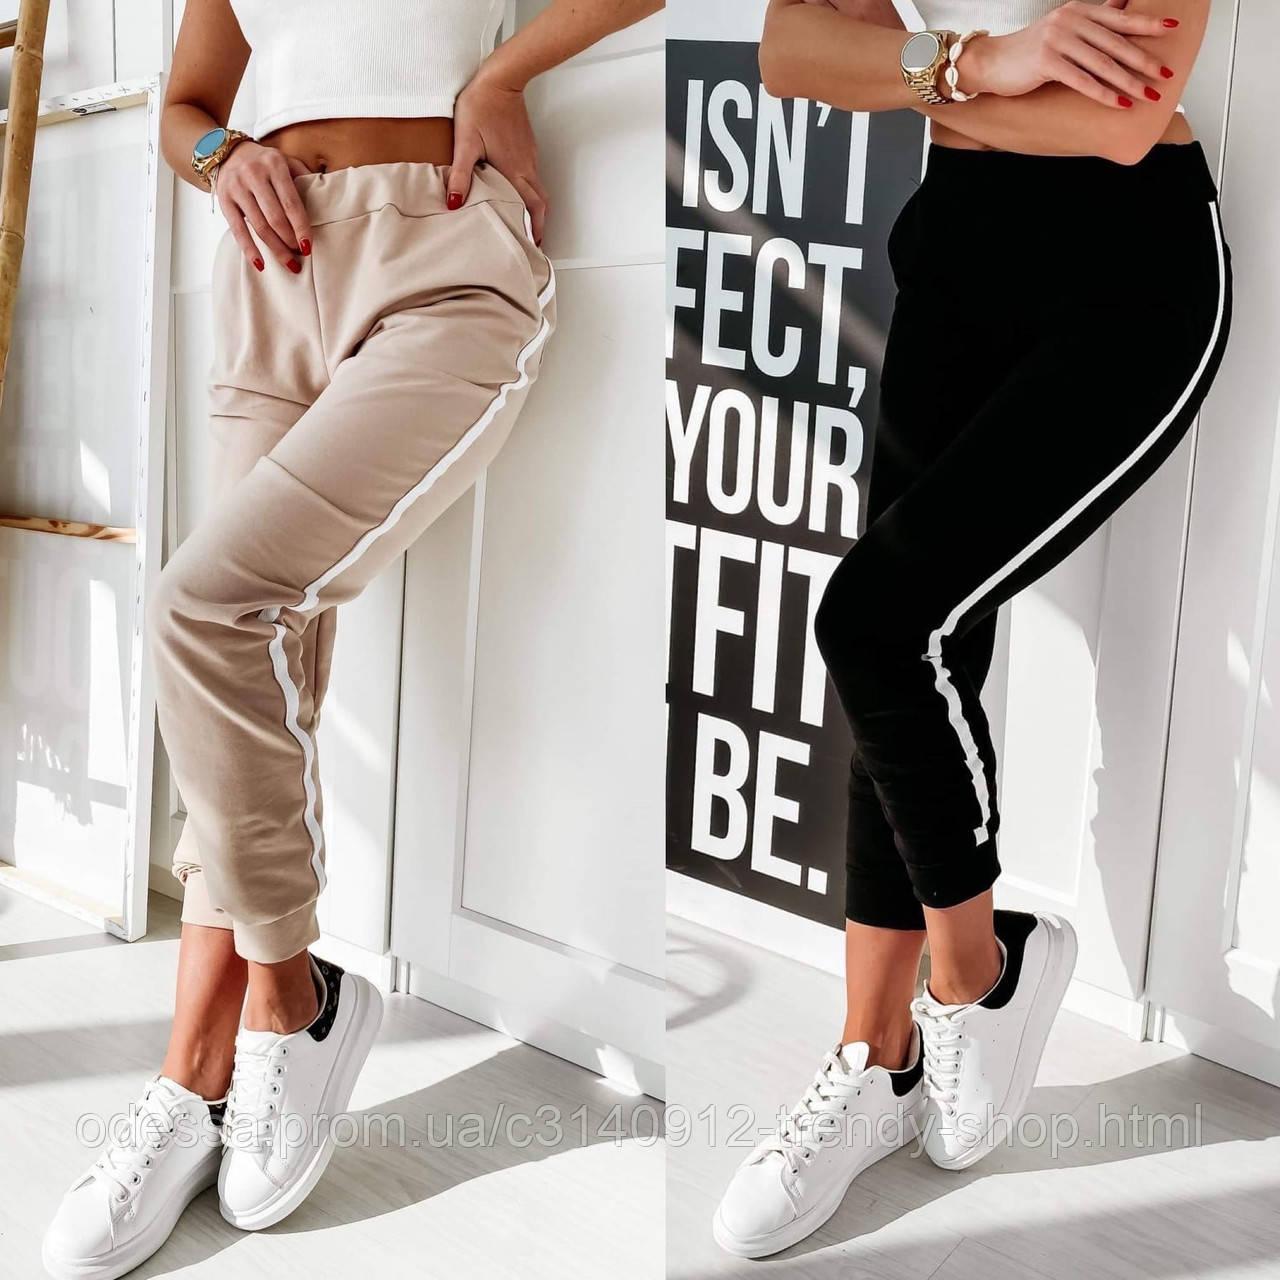 Спортивные штаны женские бежевые, чёрные 42-44, 44-46